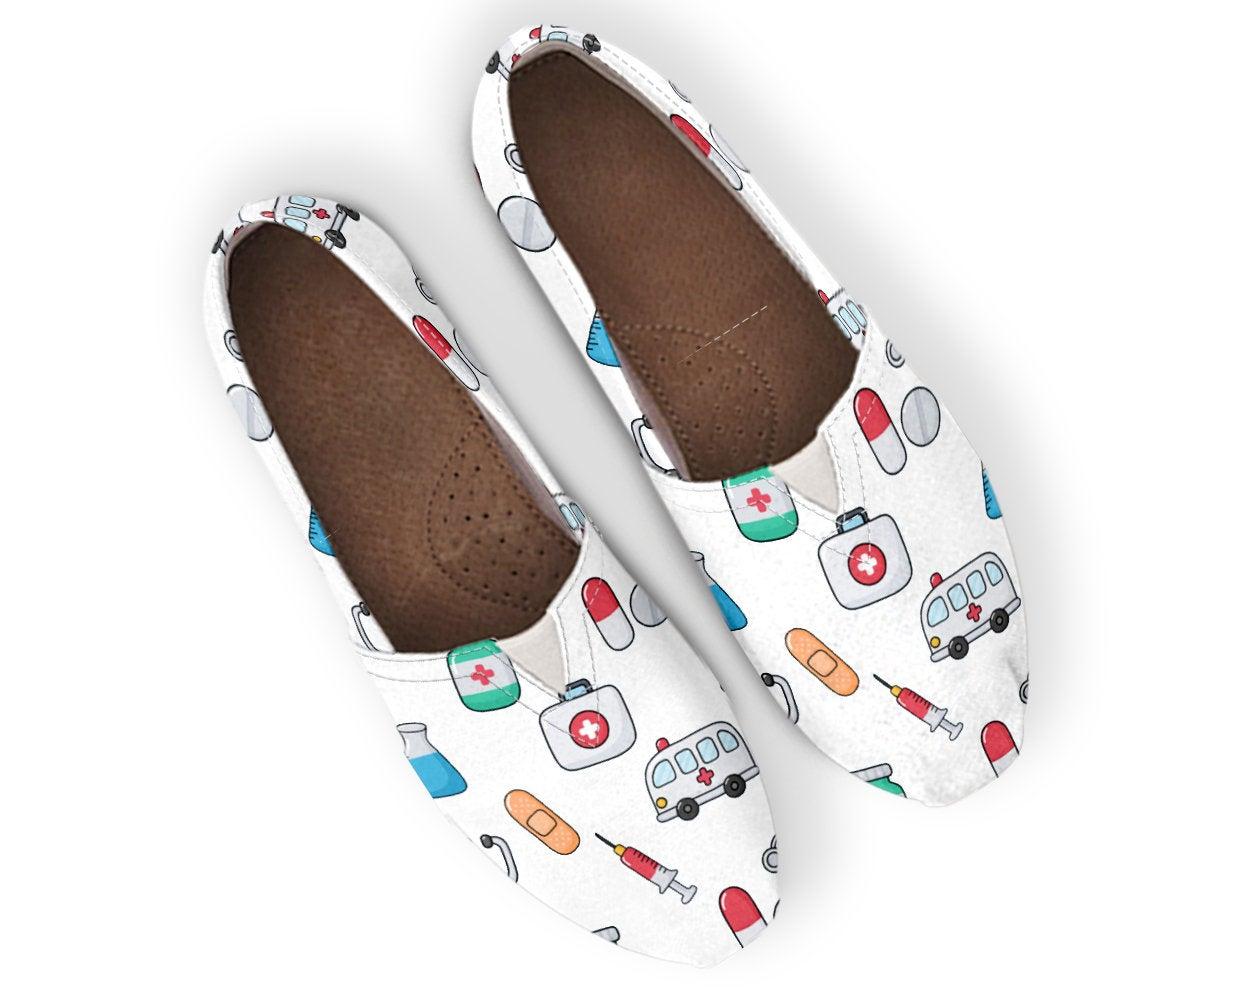 Cute Nurse Shoes Nursing Shoes Nurse Shoes Women Canvas Shoes Womens Slip Ons Women Casual Shoes Nurse Gift Doctor Shoes 757114166 3541